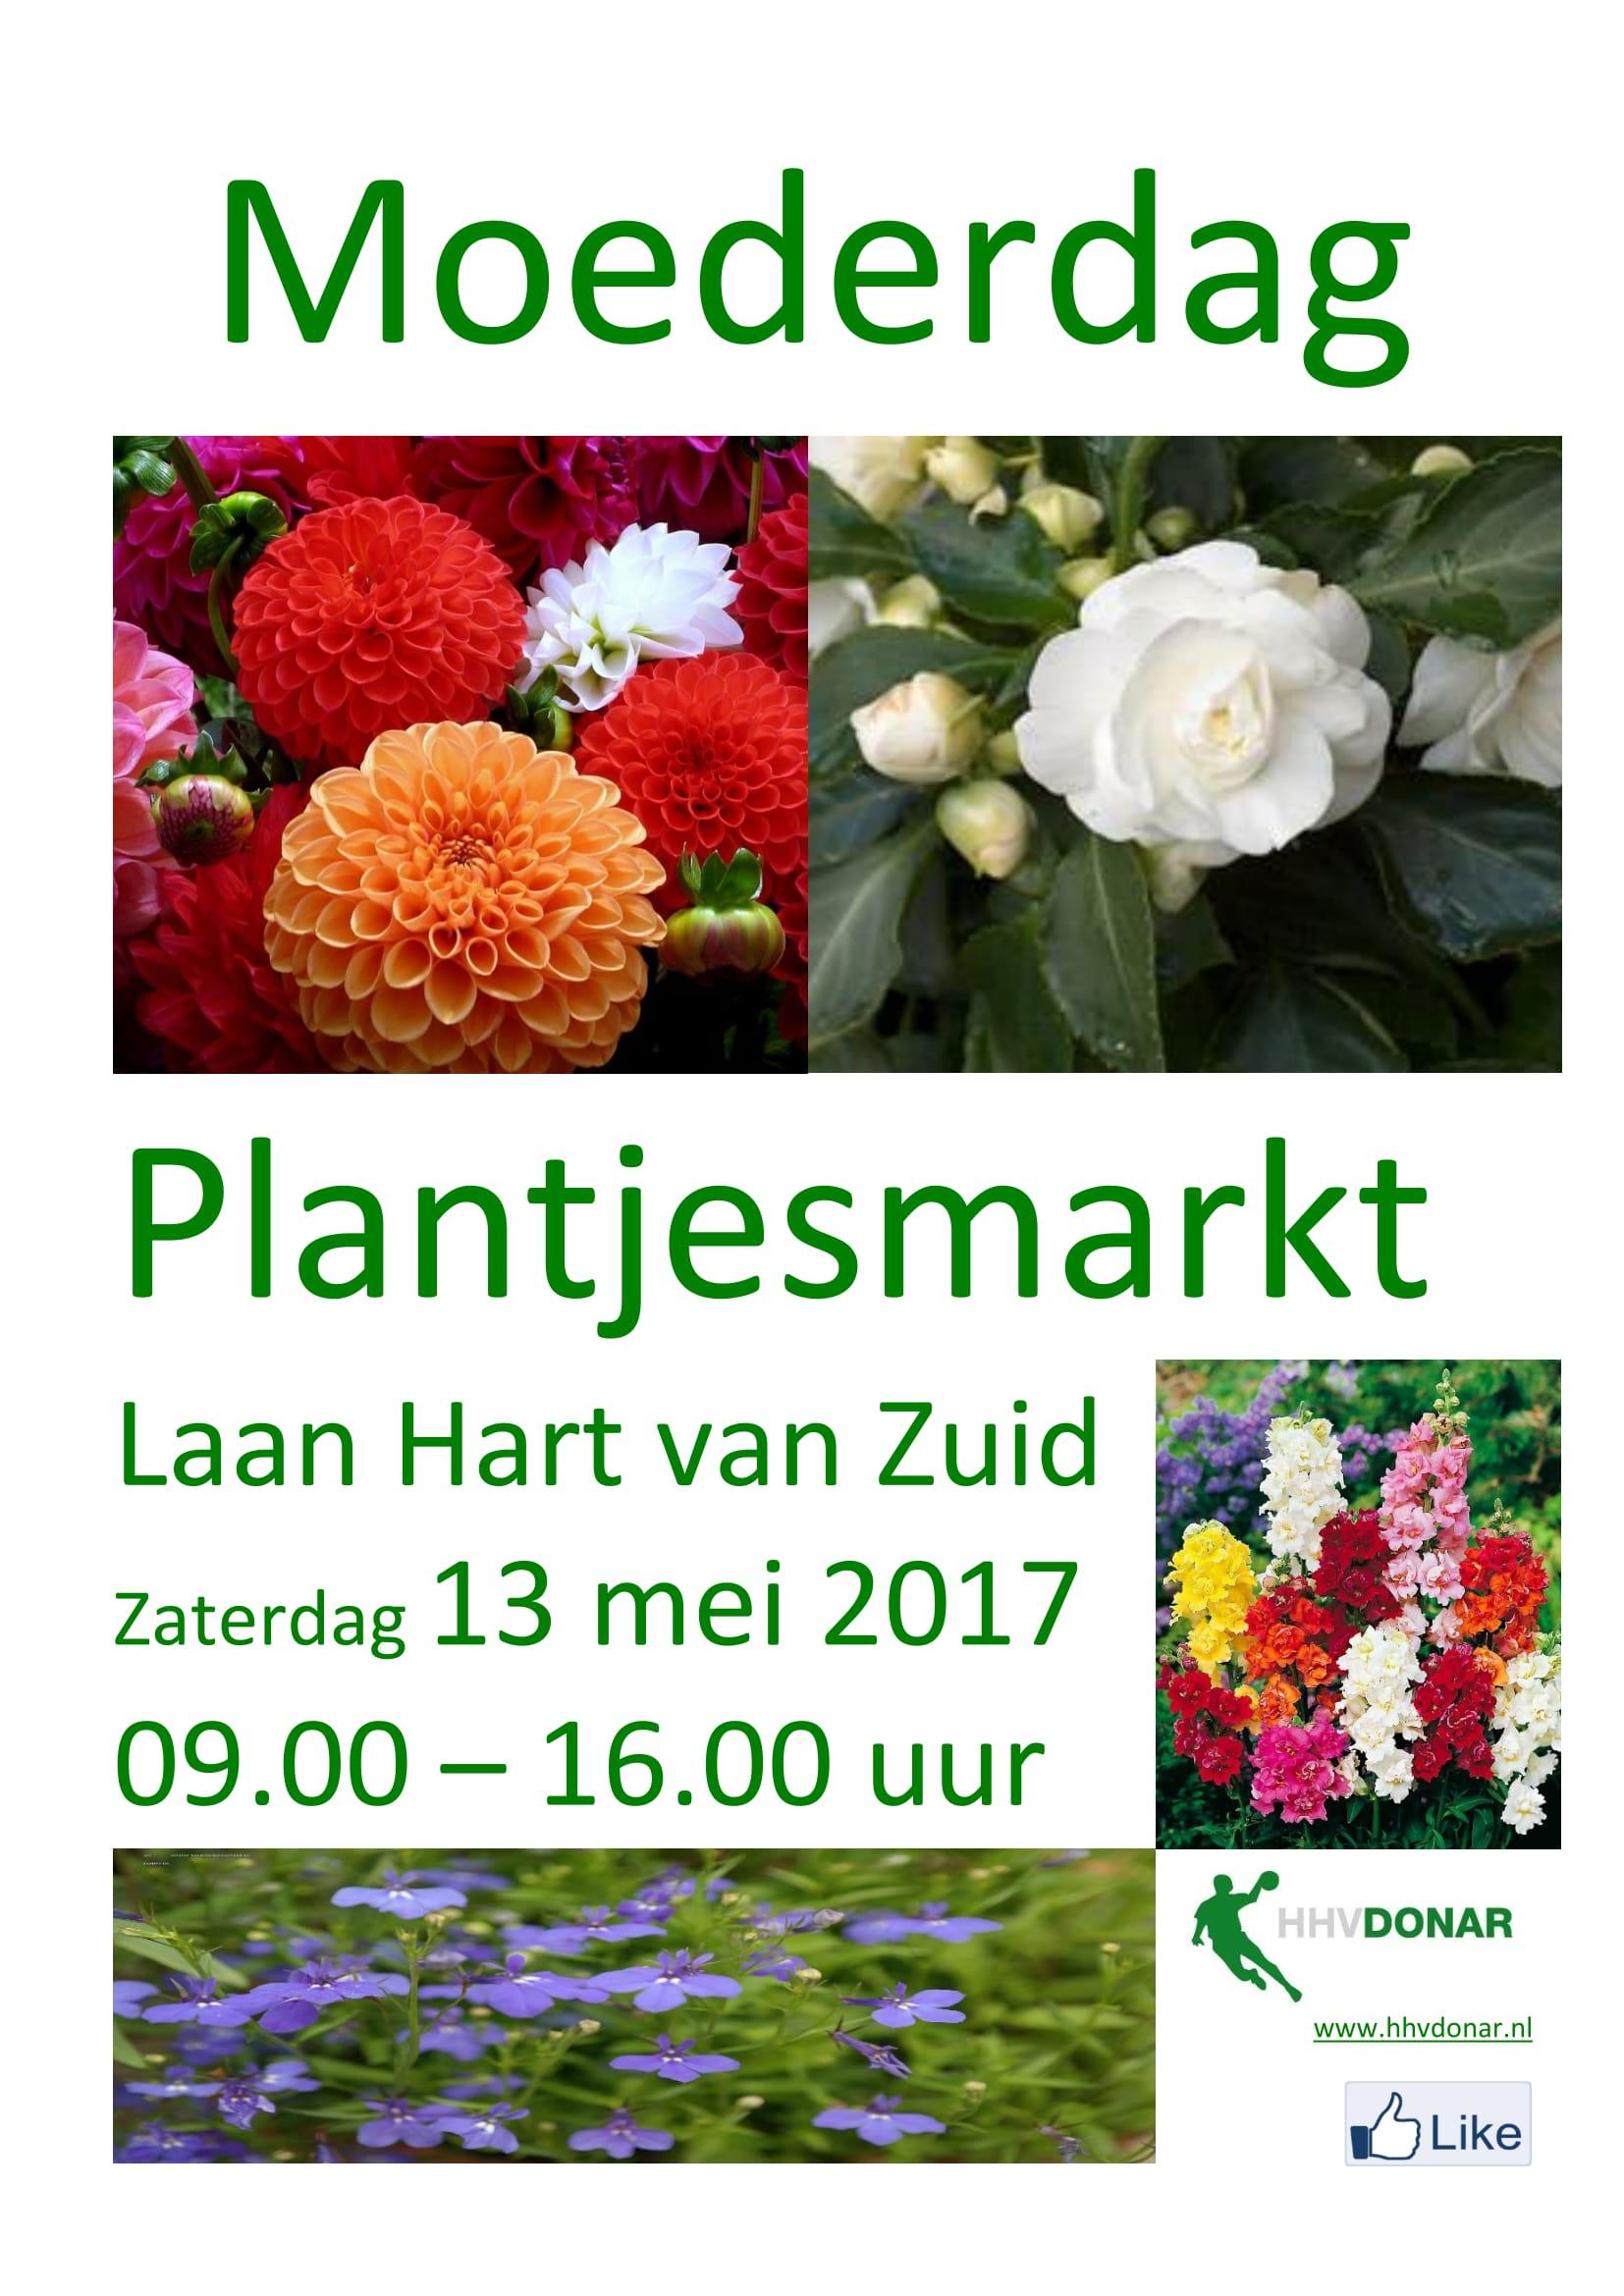 Plantjesmarkt_flyer_2017.jpg - 339.51 kB